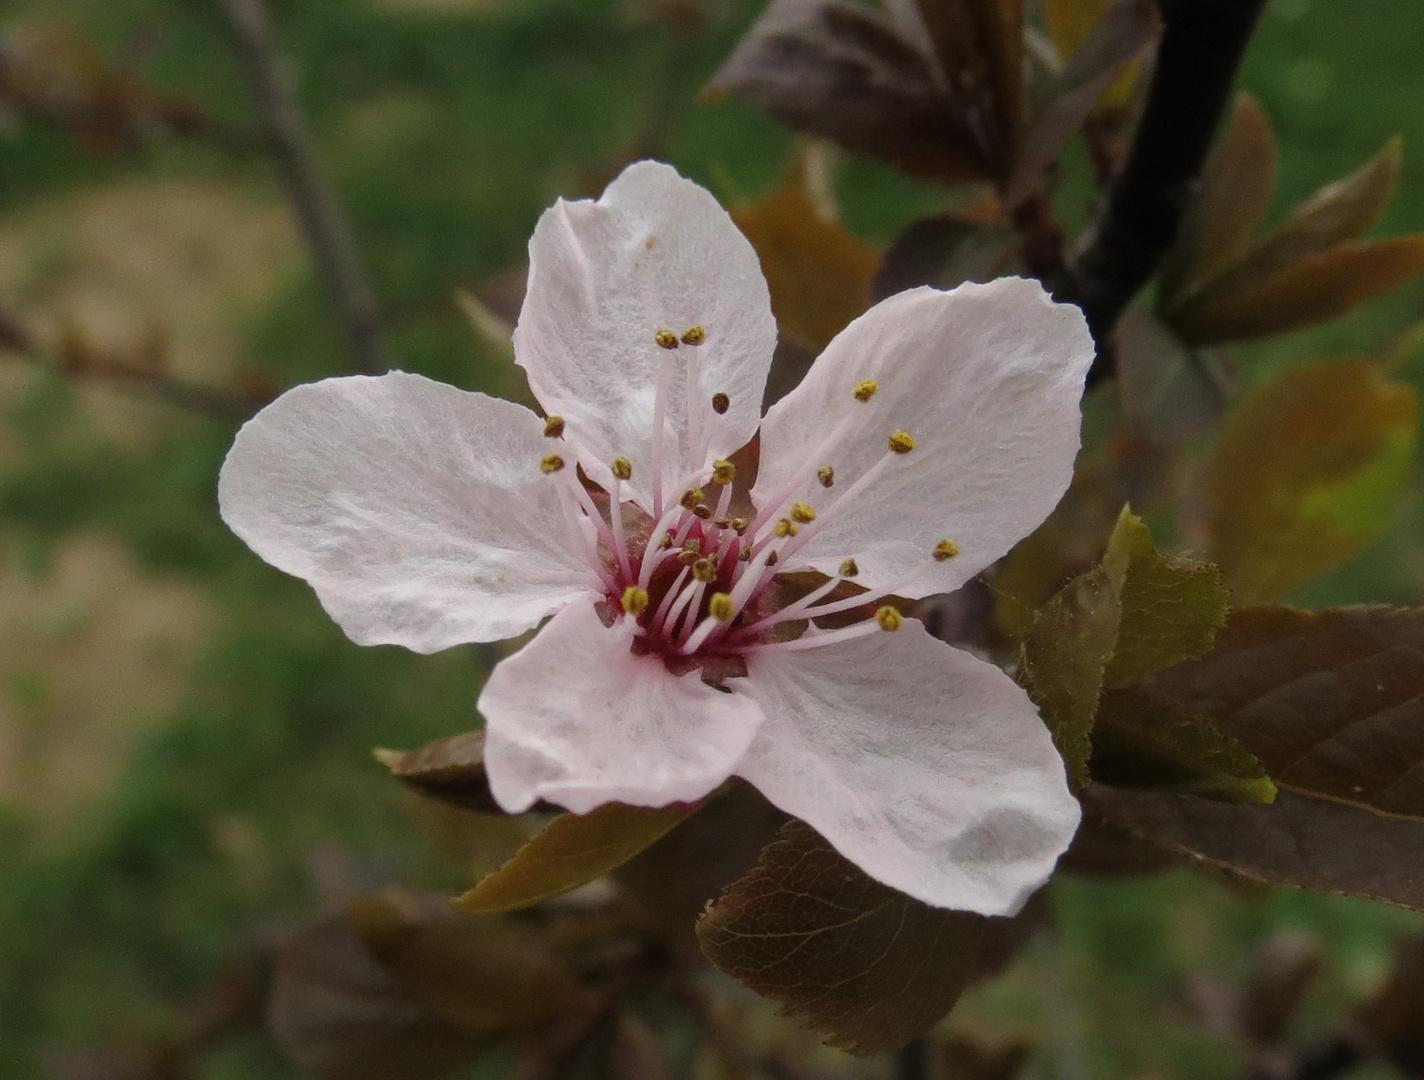 die Blüte einer Blutpflaume